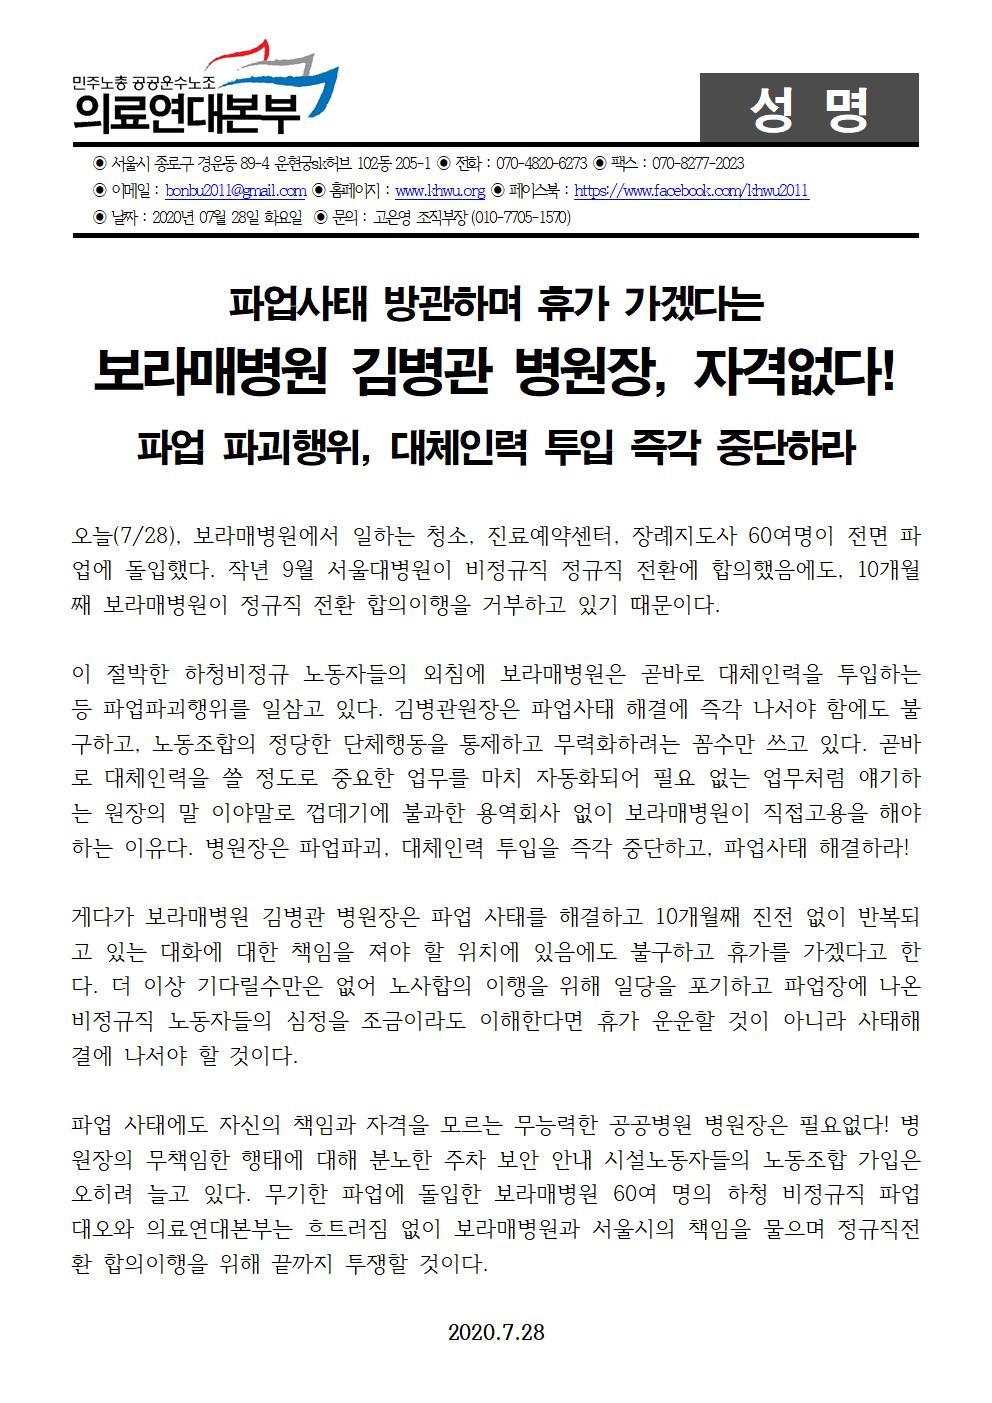 200728_성명보라매병원_김병관_병원장,_자격없다!(완)001.jpg